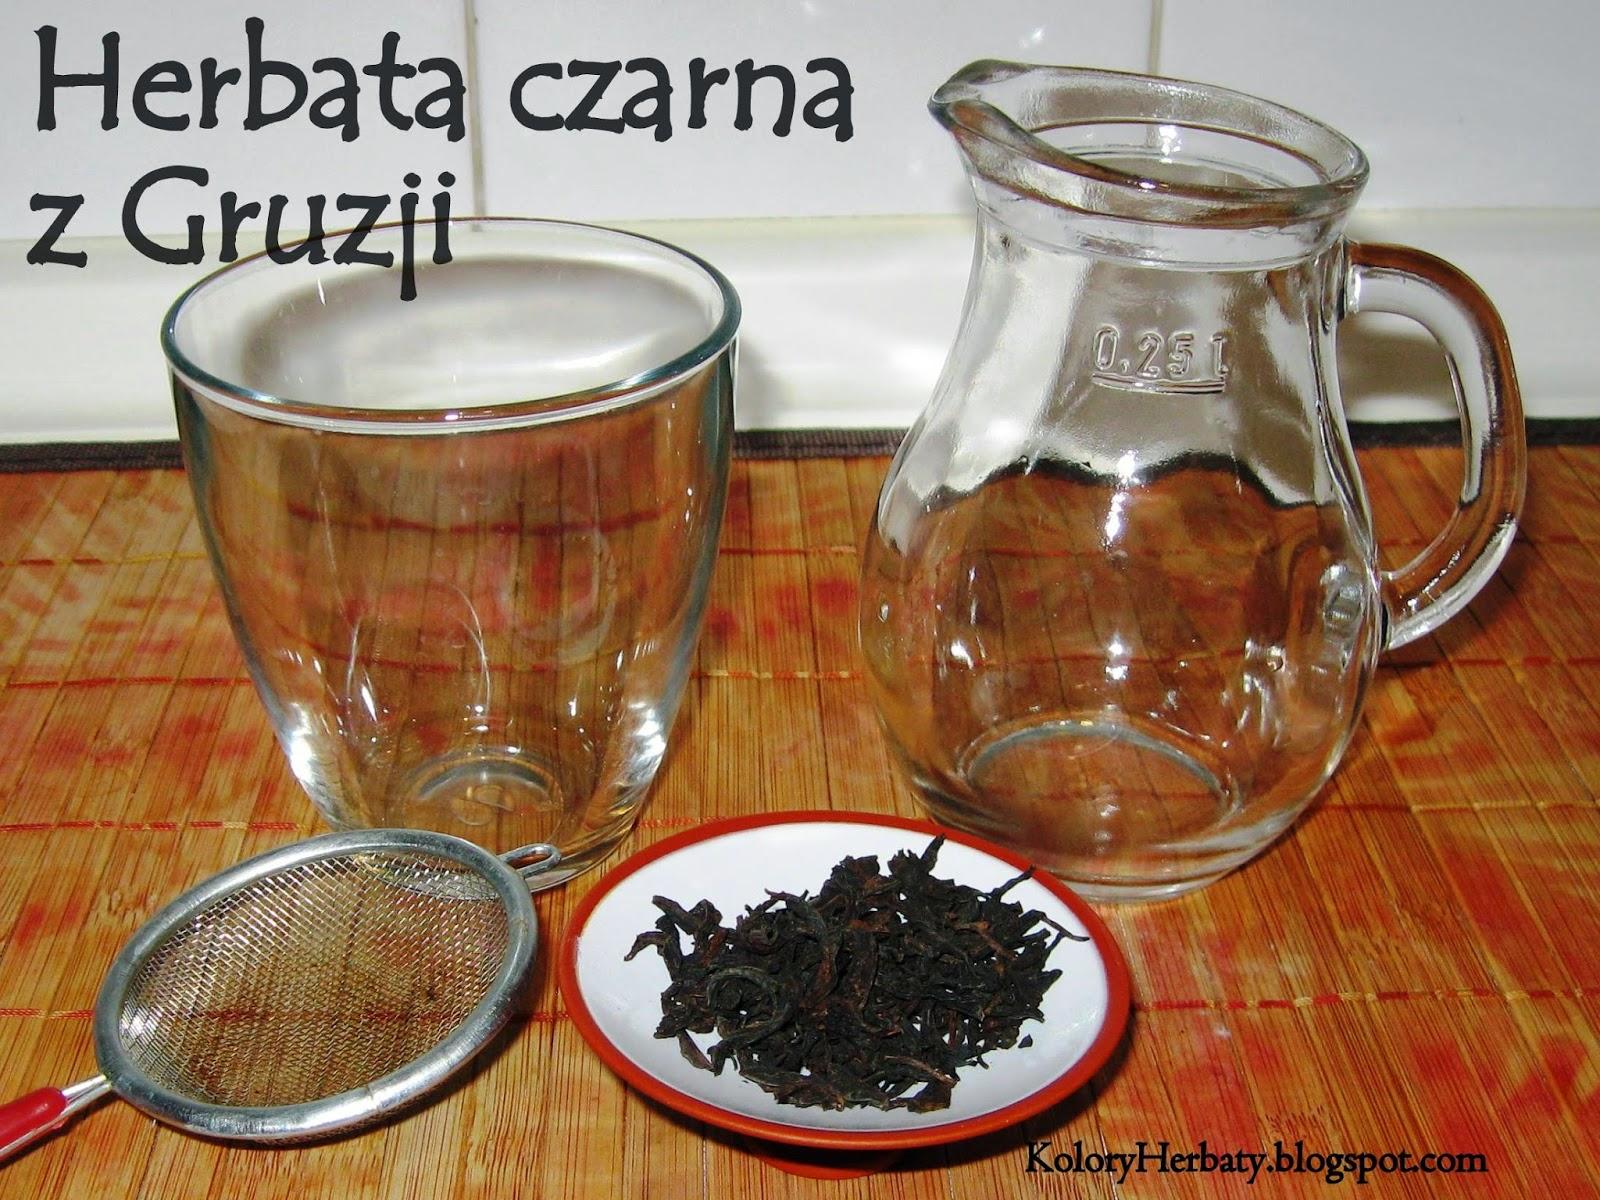 Herbata czarna z Gruzji